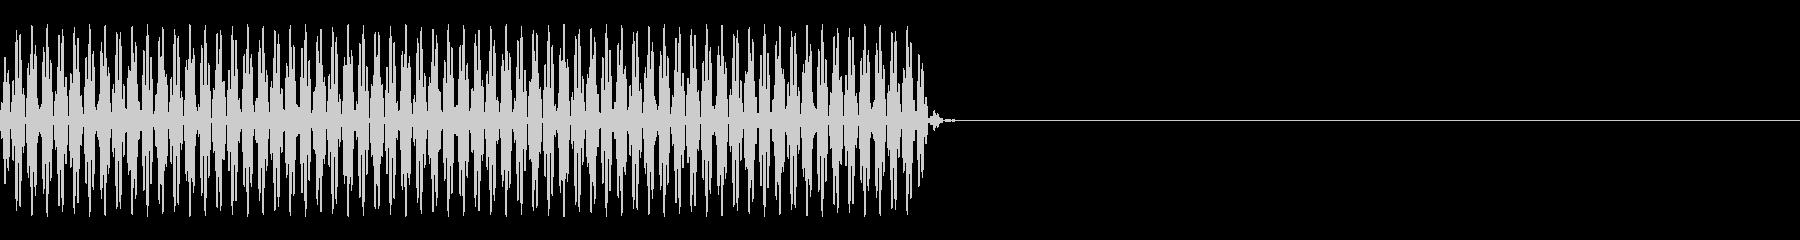 FX・SE/電話/ボタン音/海外風/#1の未再生の波形